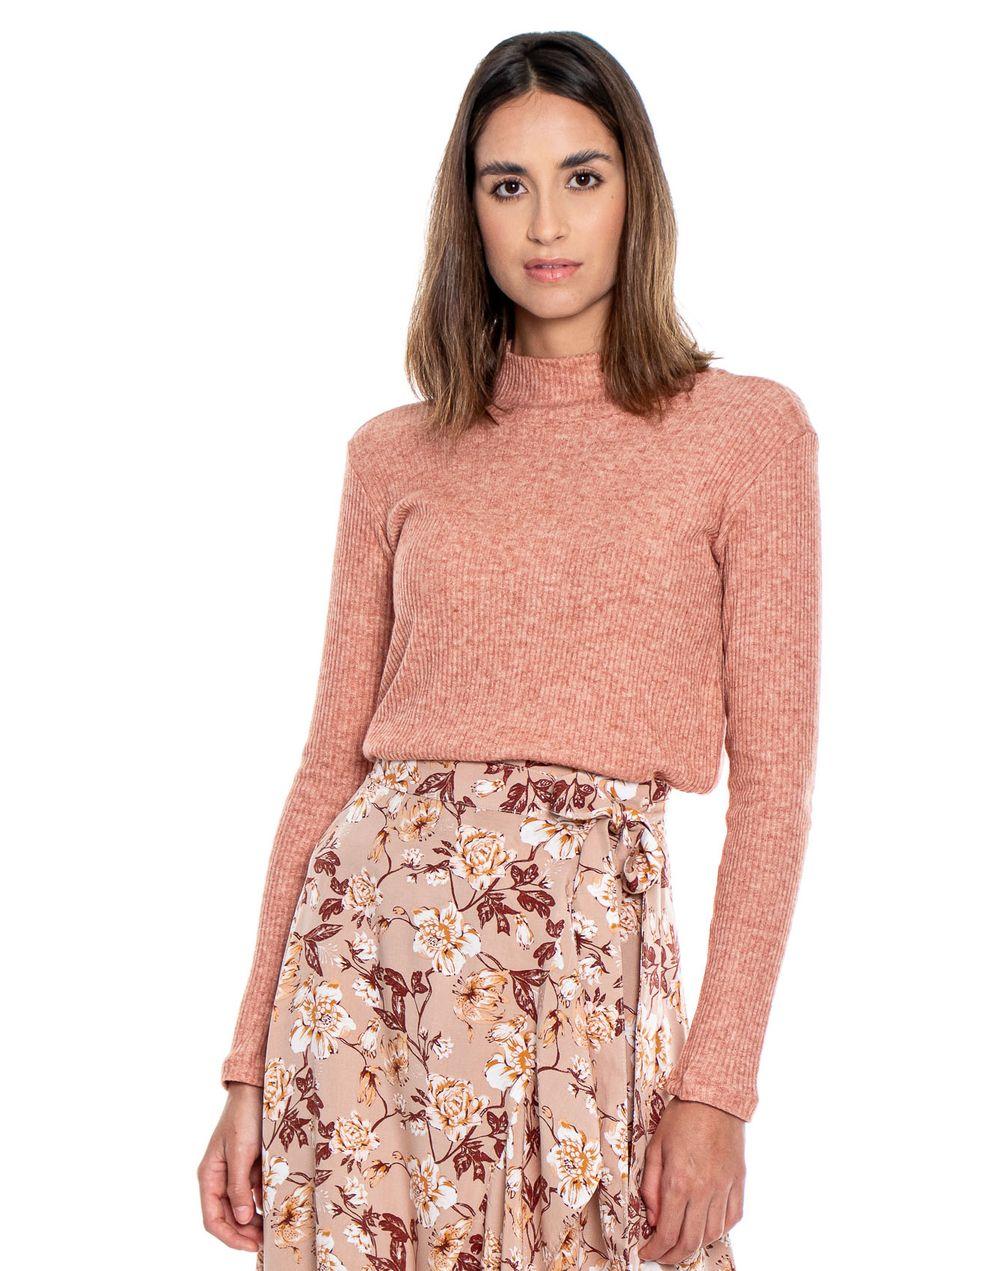 camiseta-124326-rosado-1.jpg